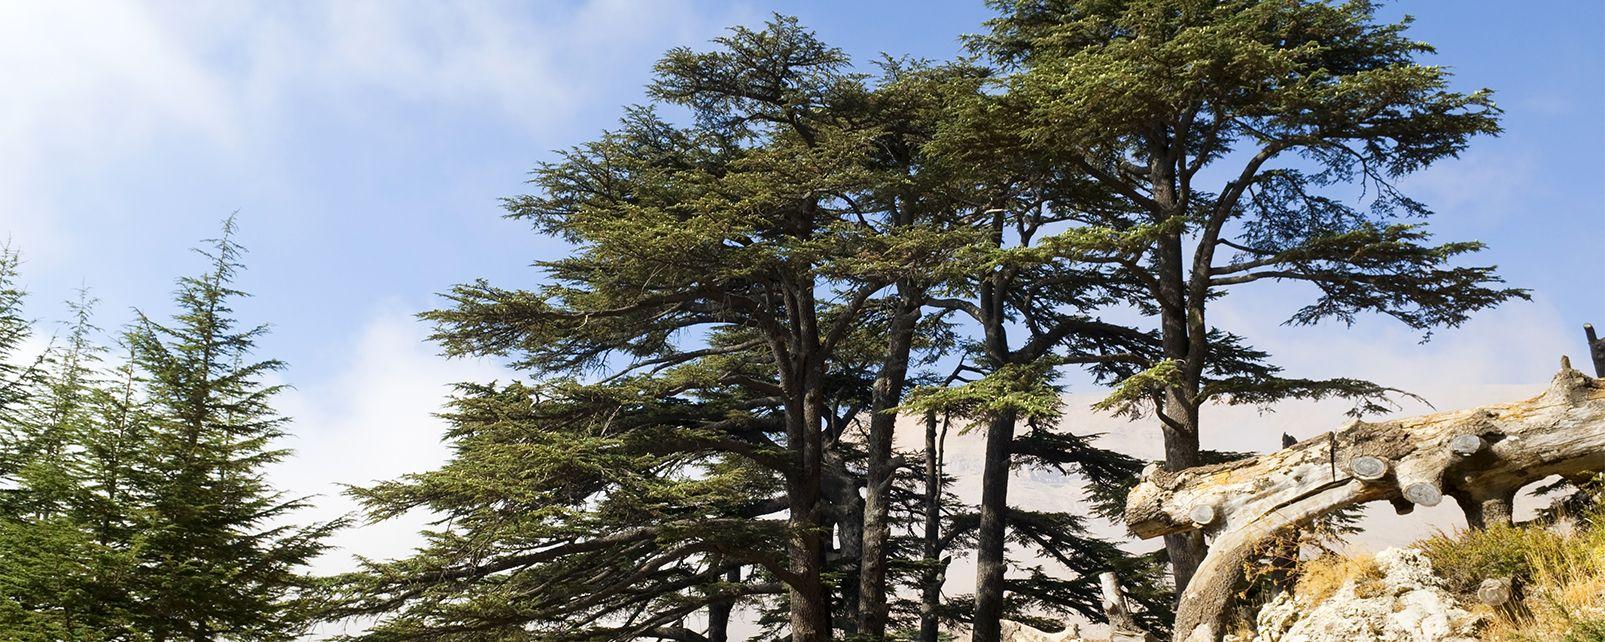 La flore, Liban Cèdre Bcharré Forêt Arbre